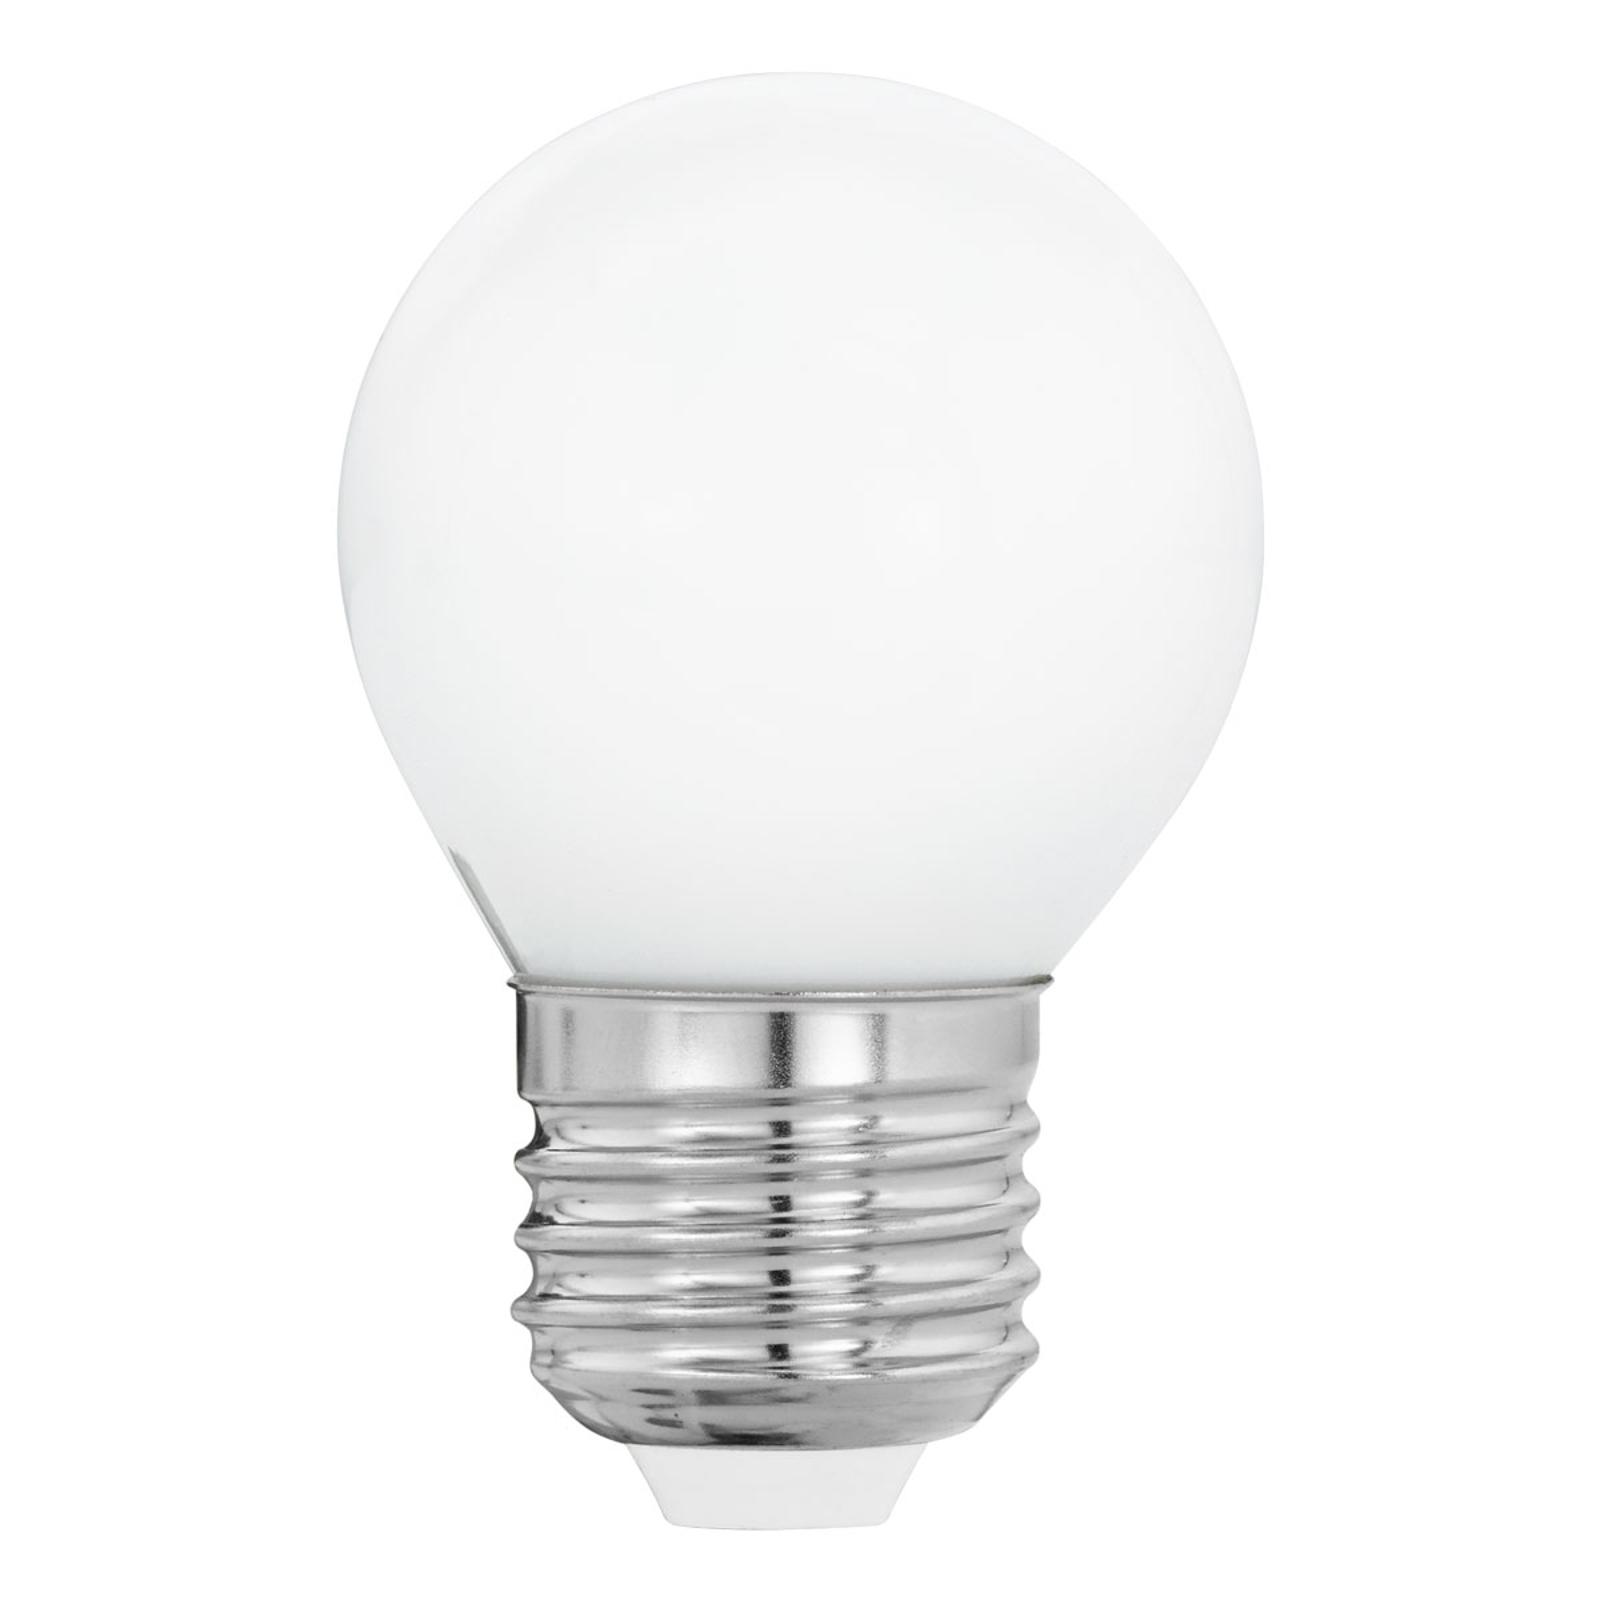 Acquista LED E27 G45 4W, bianco caldo, opale